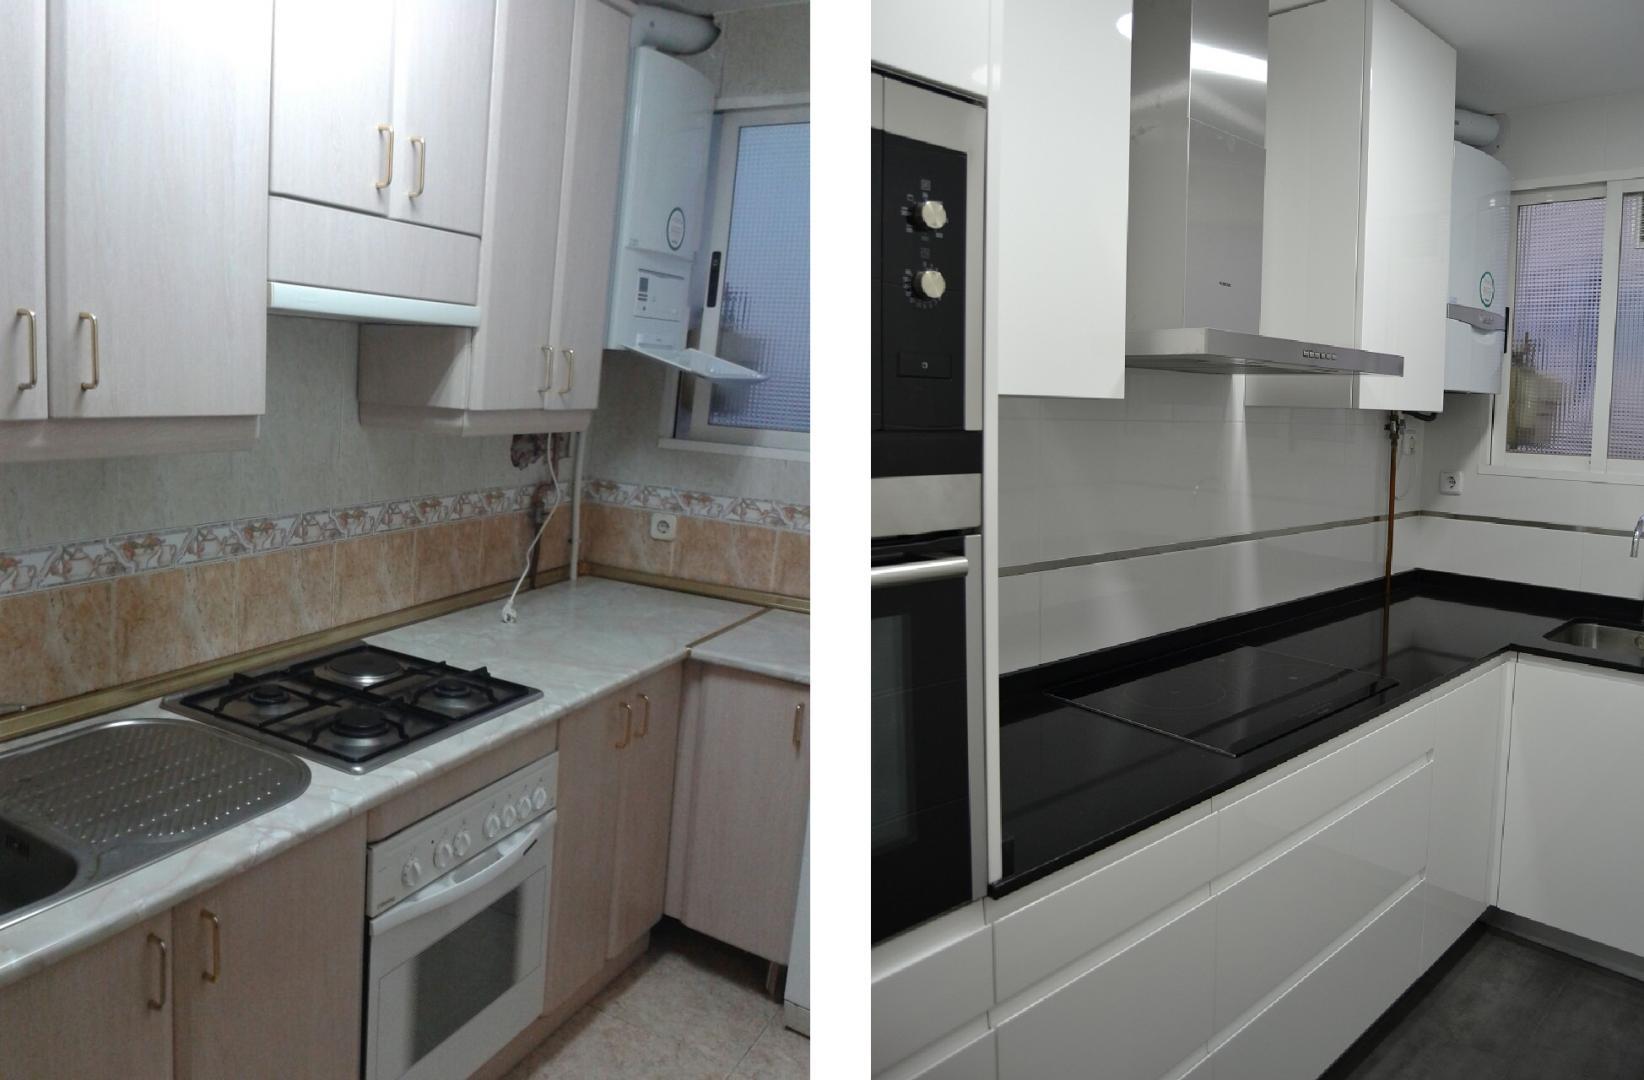 Baños Con Ducha Reformados:Cocina y Baño reformados en Barrio Chamartín